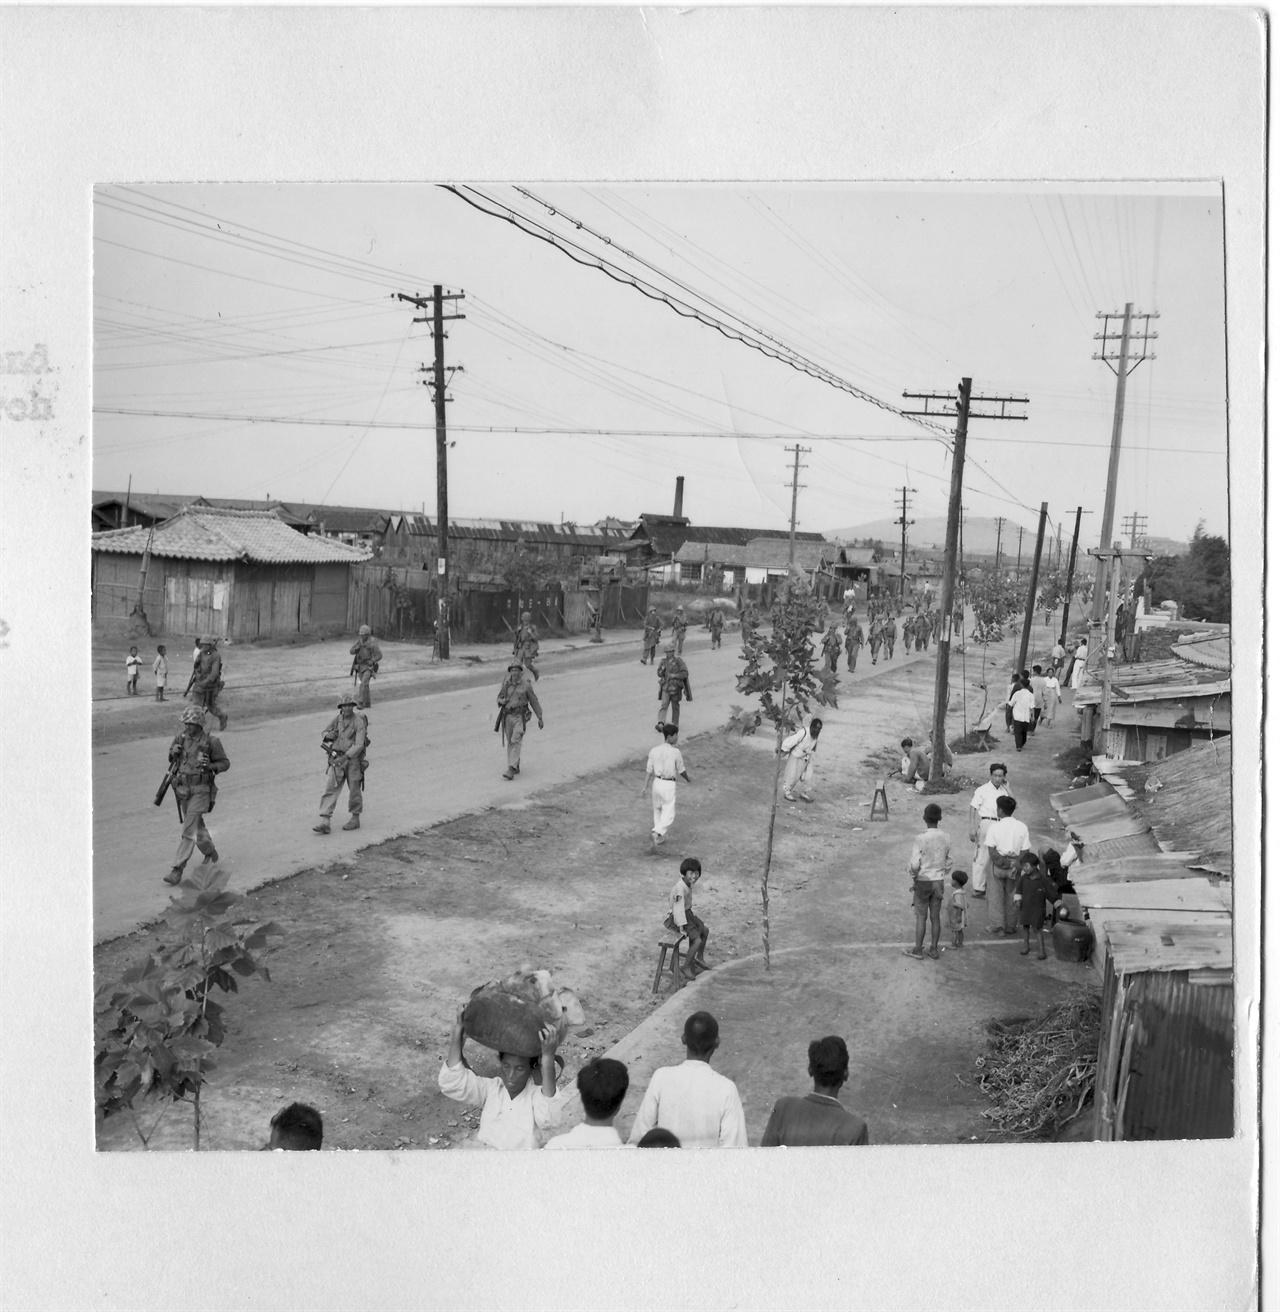 1950. 9. 17. 유엔군들이 서울로 진격해 가자 피란 갔던 인천시민들이 집으로 돌아오고 있다.